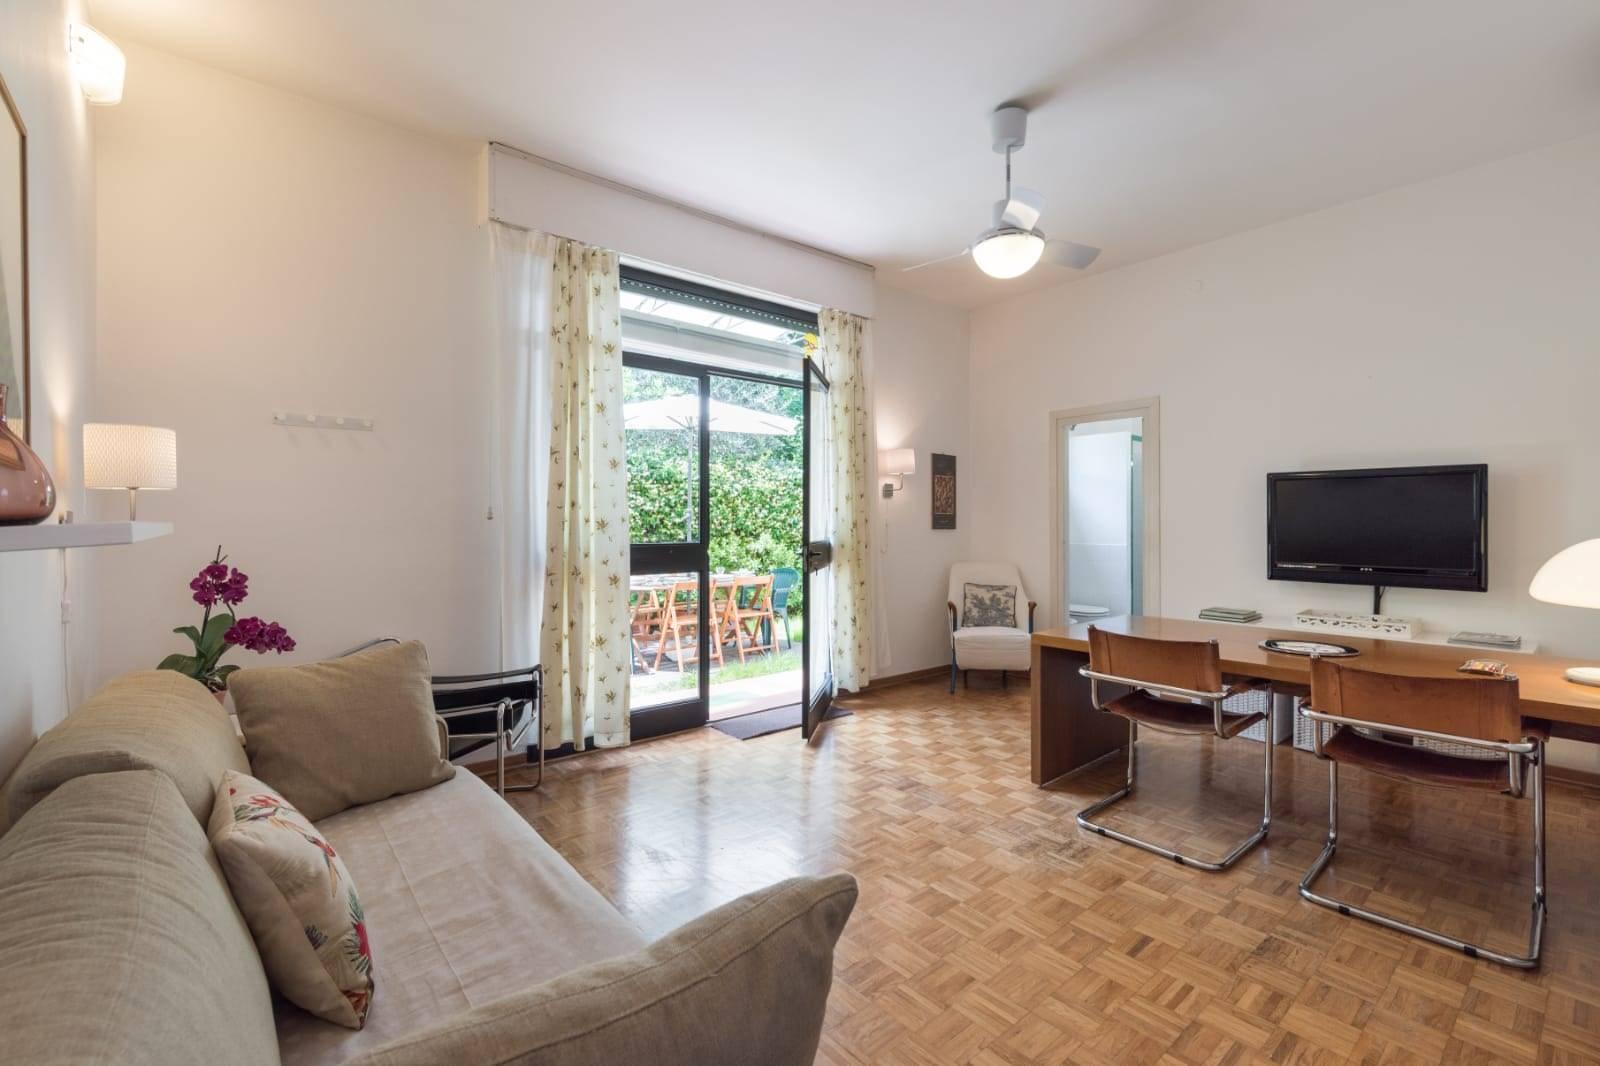 Piazza Savonarola pressi. L'appartamento è un appartamento confortevole, spazioso e luminoso situato in una zona residenziale a pochi minuti a piedi